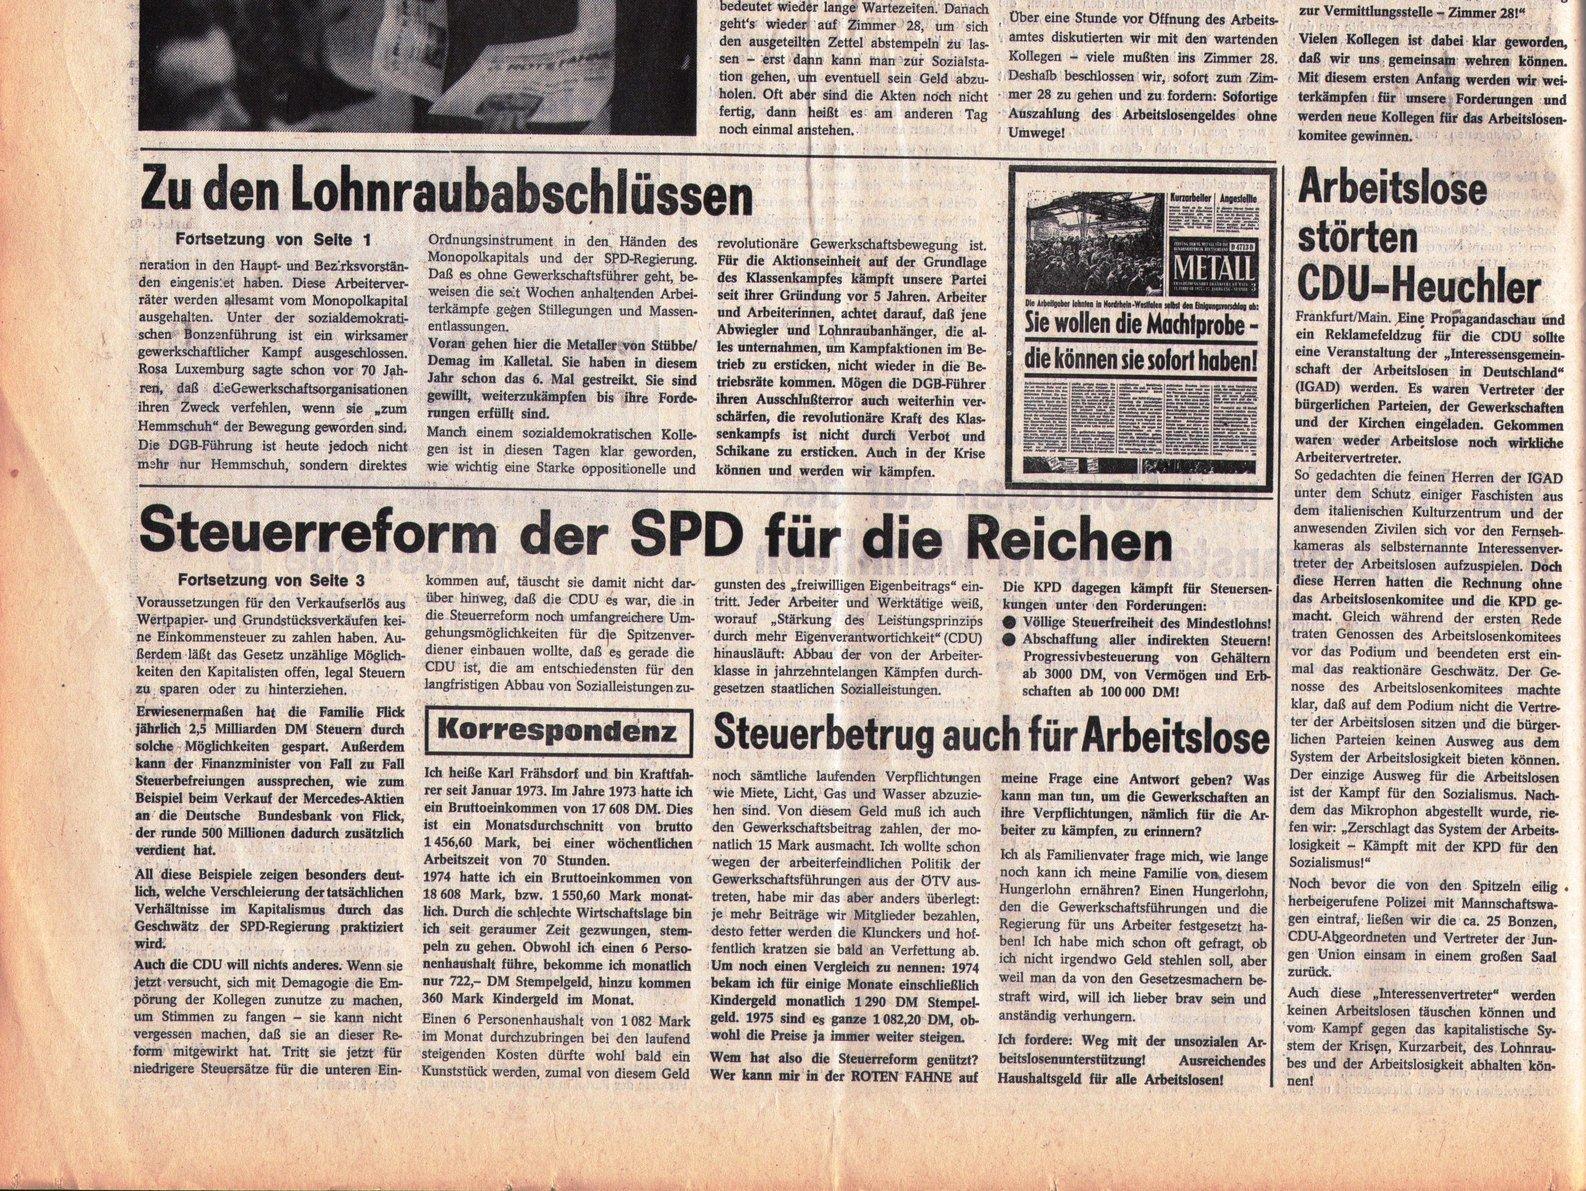 KPD_Rote_Fahne_1975_07_08